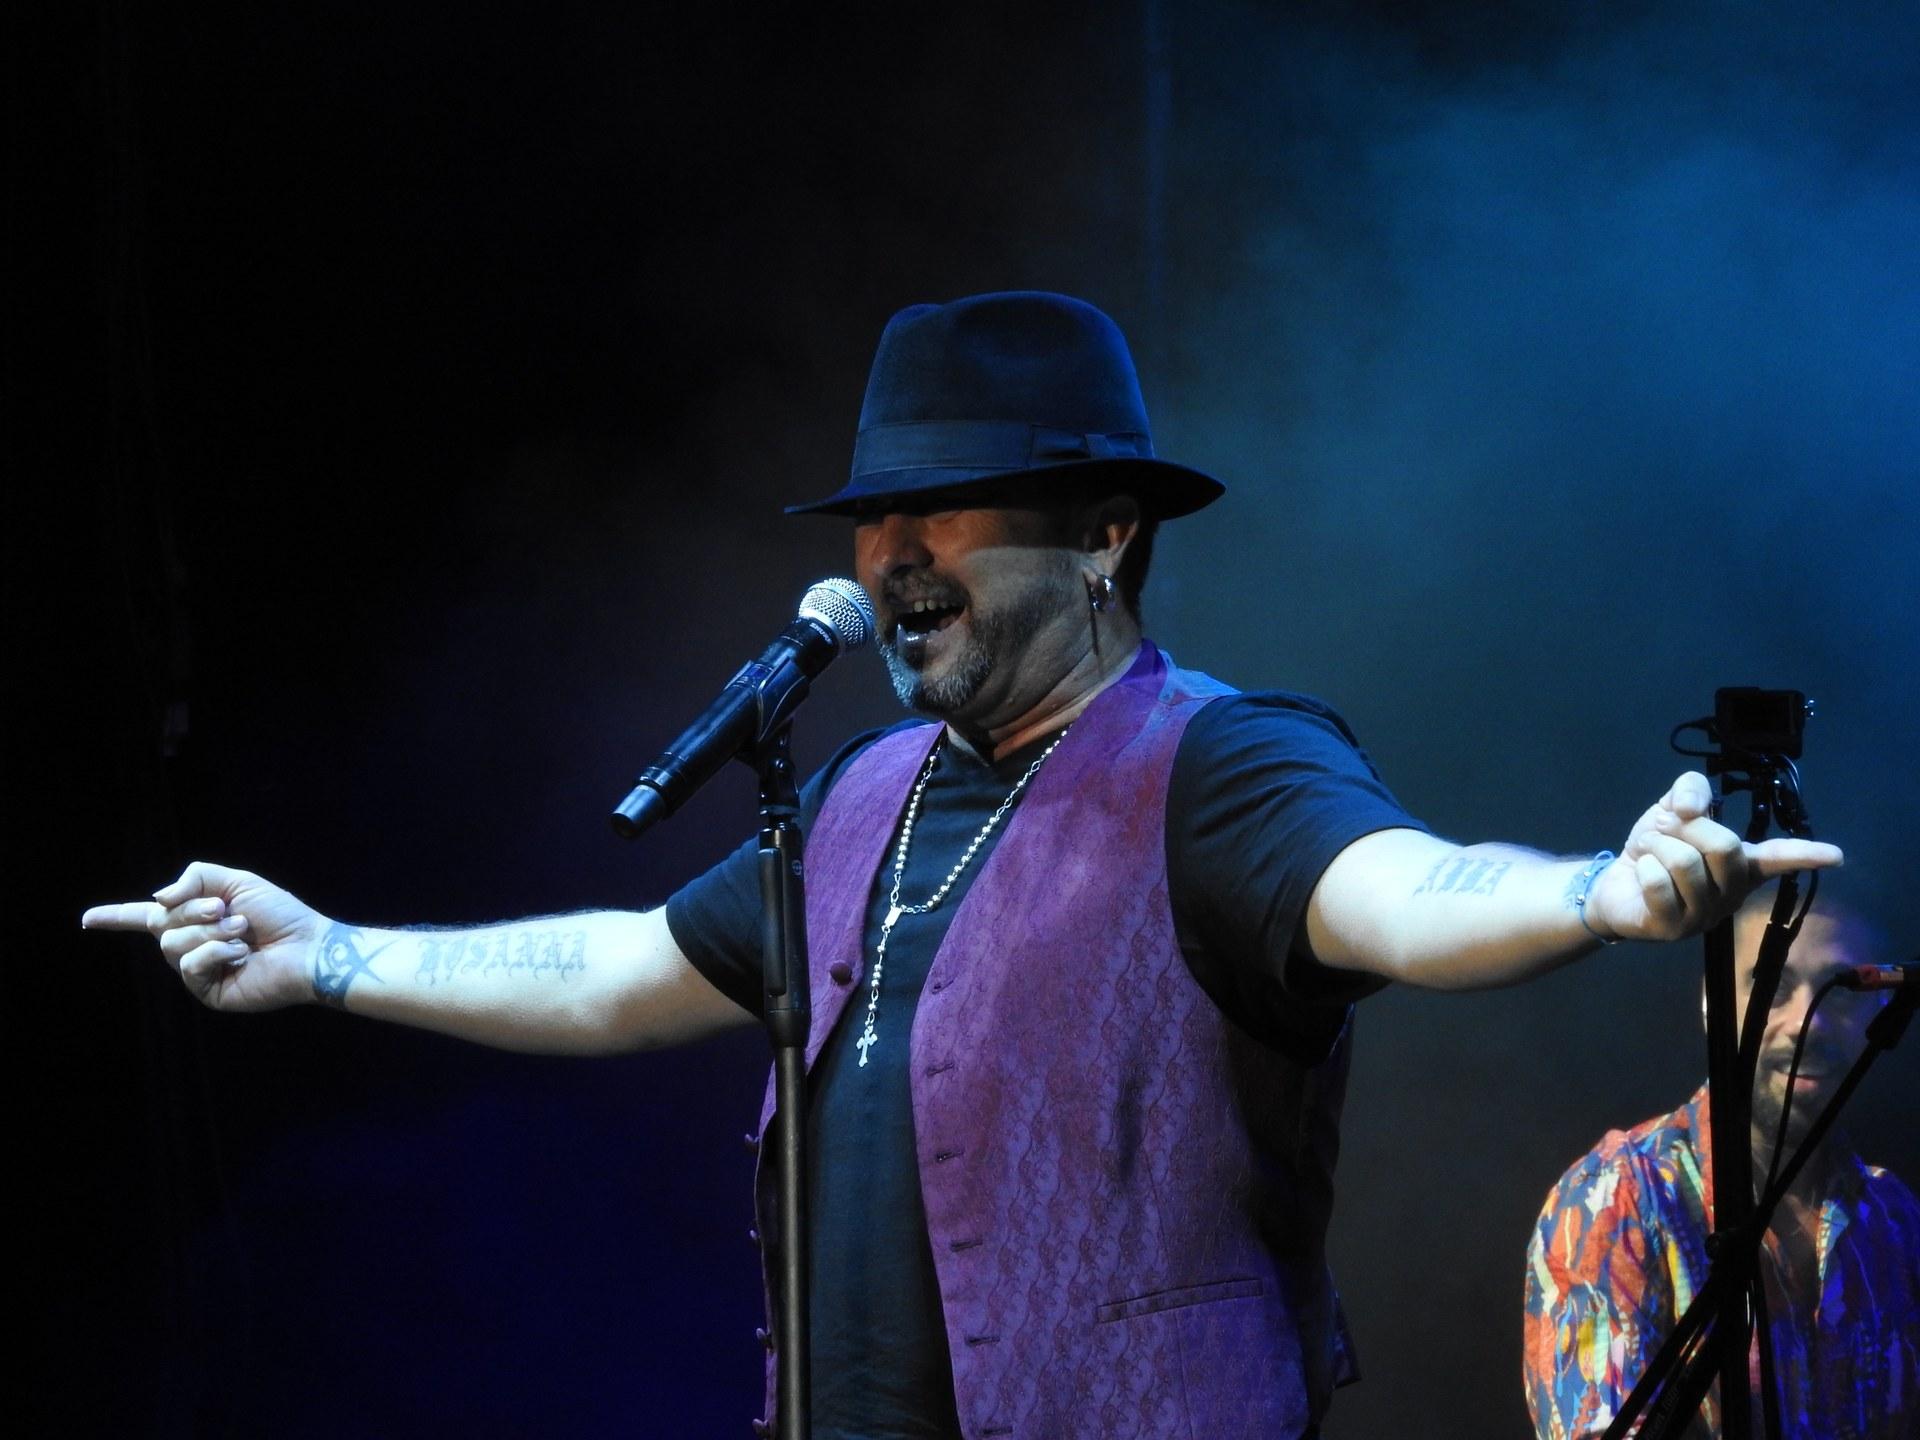 El Barrio conquereix el Festival Jardins Terramar amb el seu rock andalús